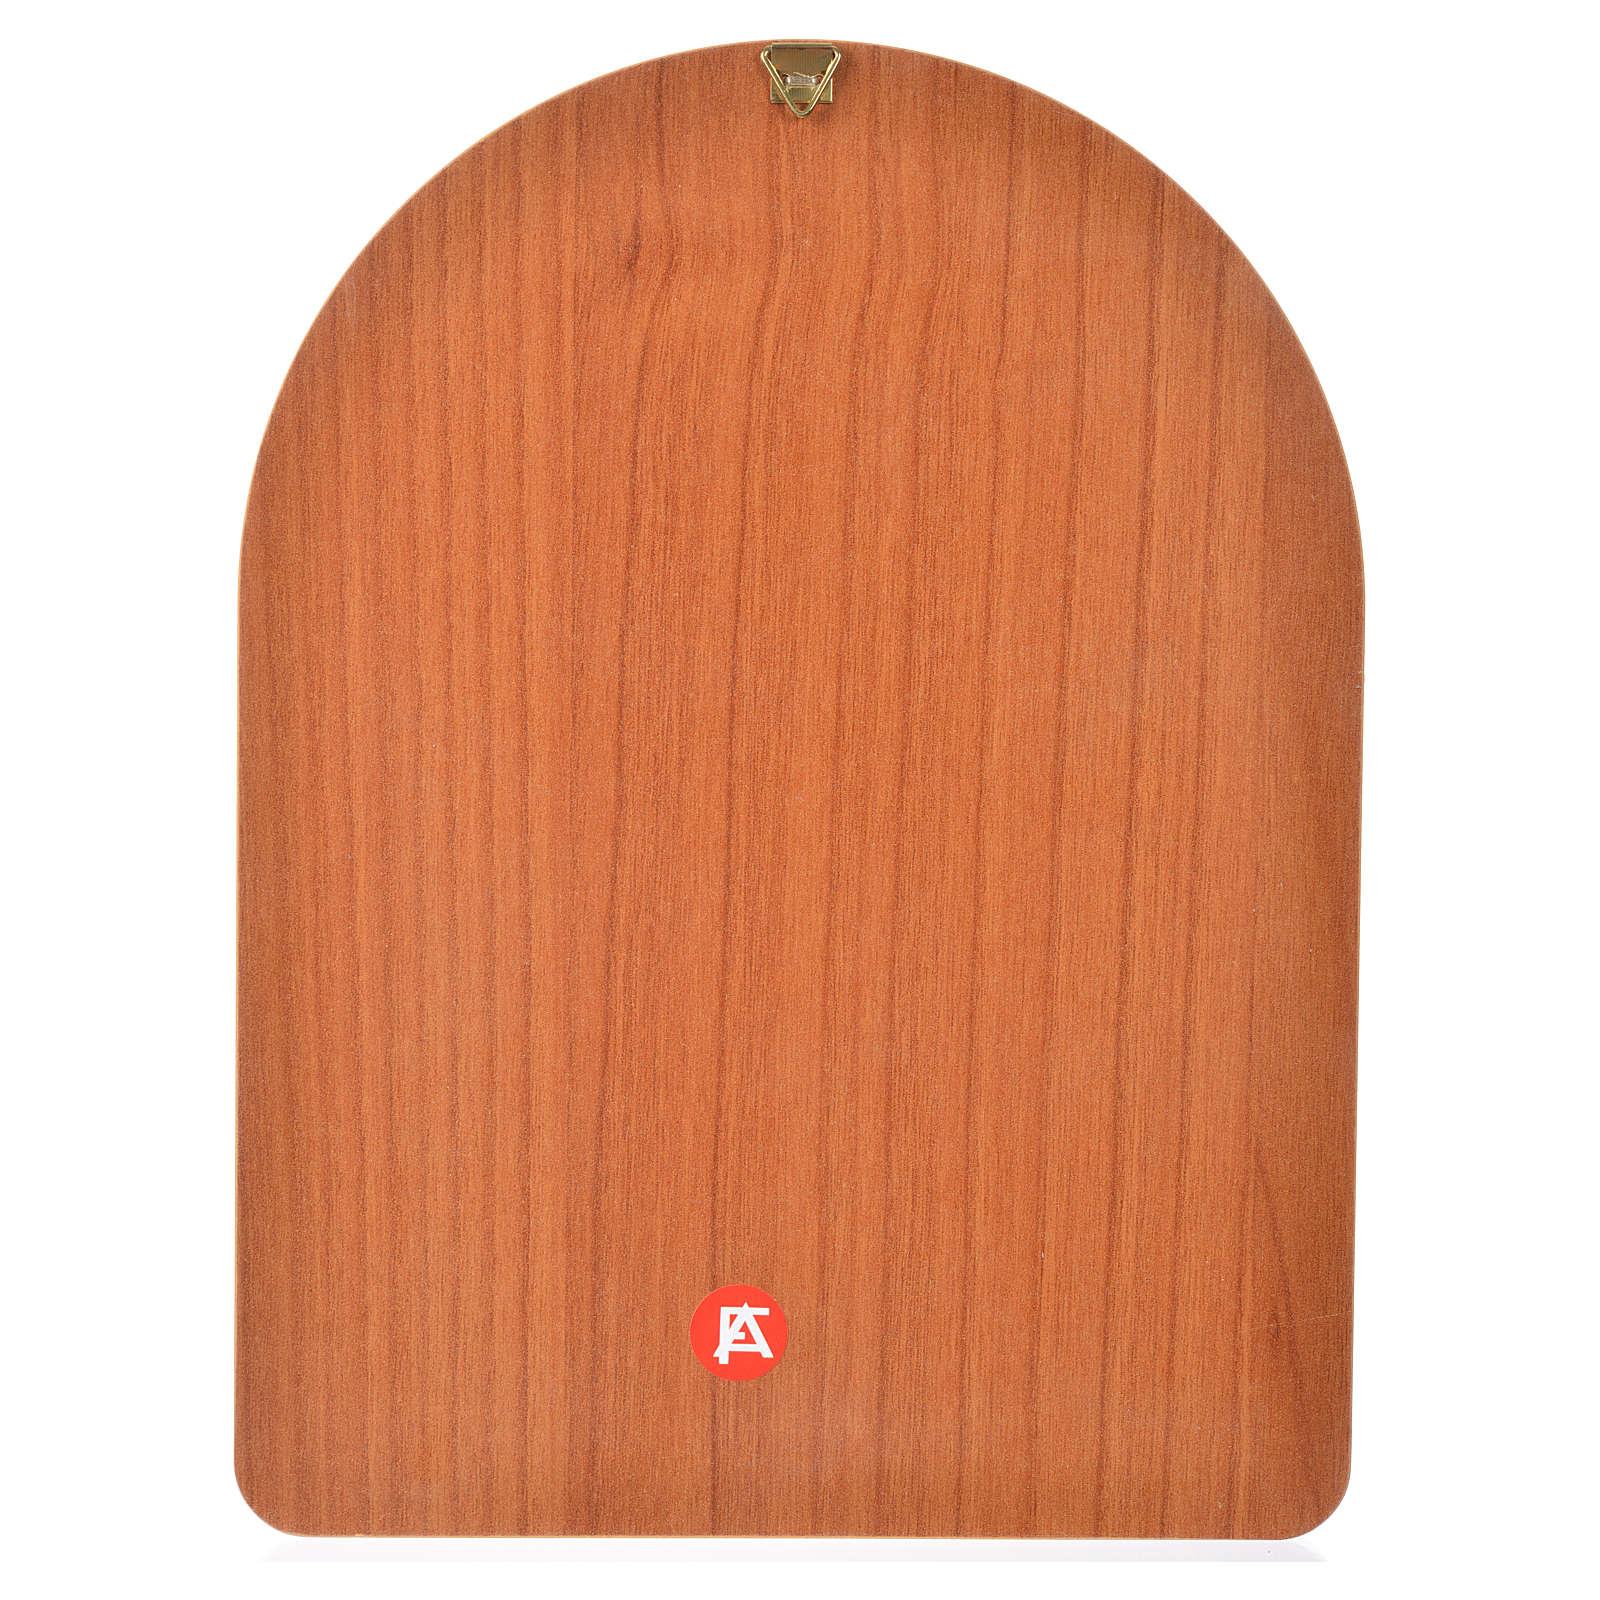 Impression sur bois 15x20 cm Sainte Famille 3